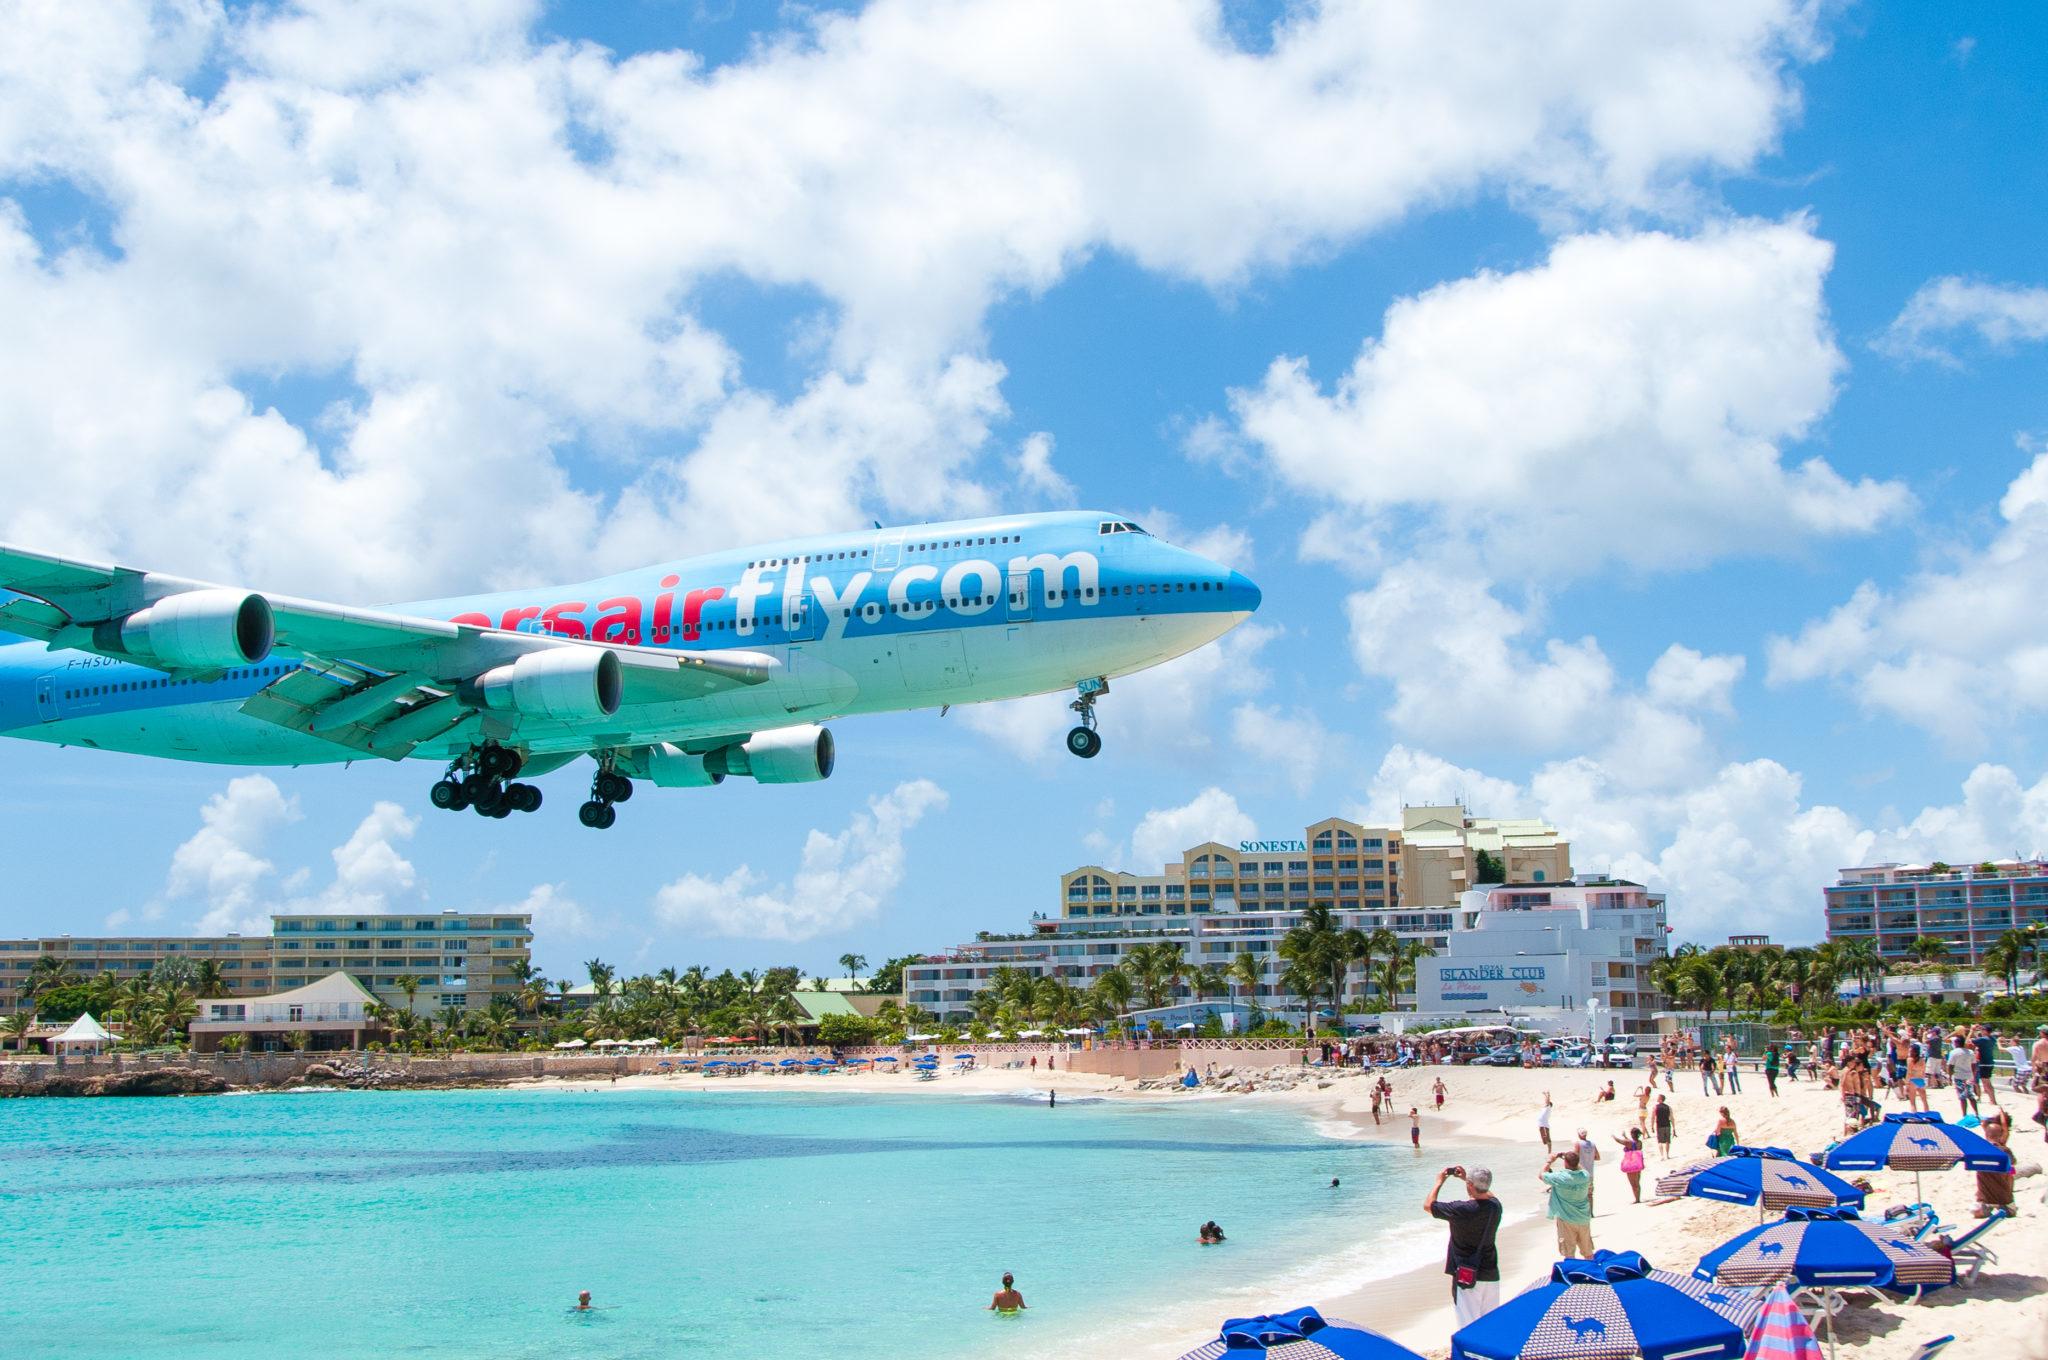 Maho Bay Beach, St. Martin/St. Maarten